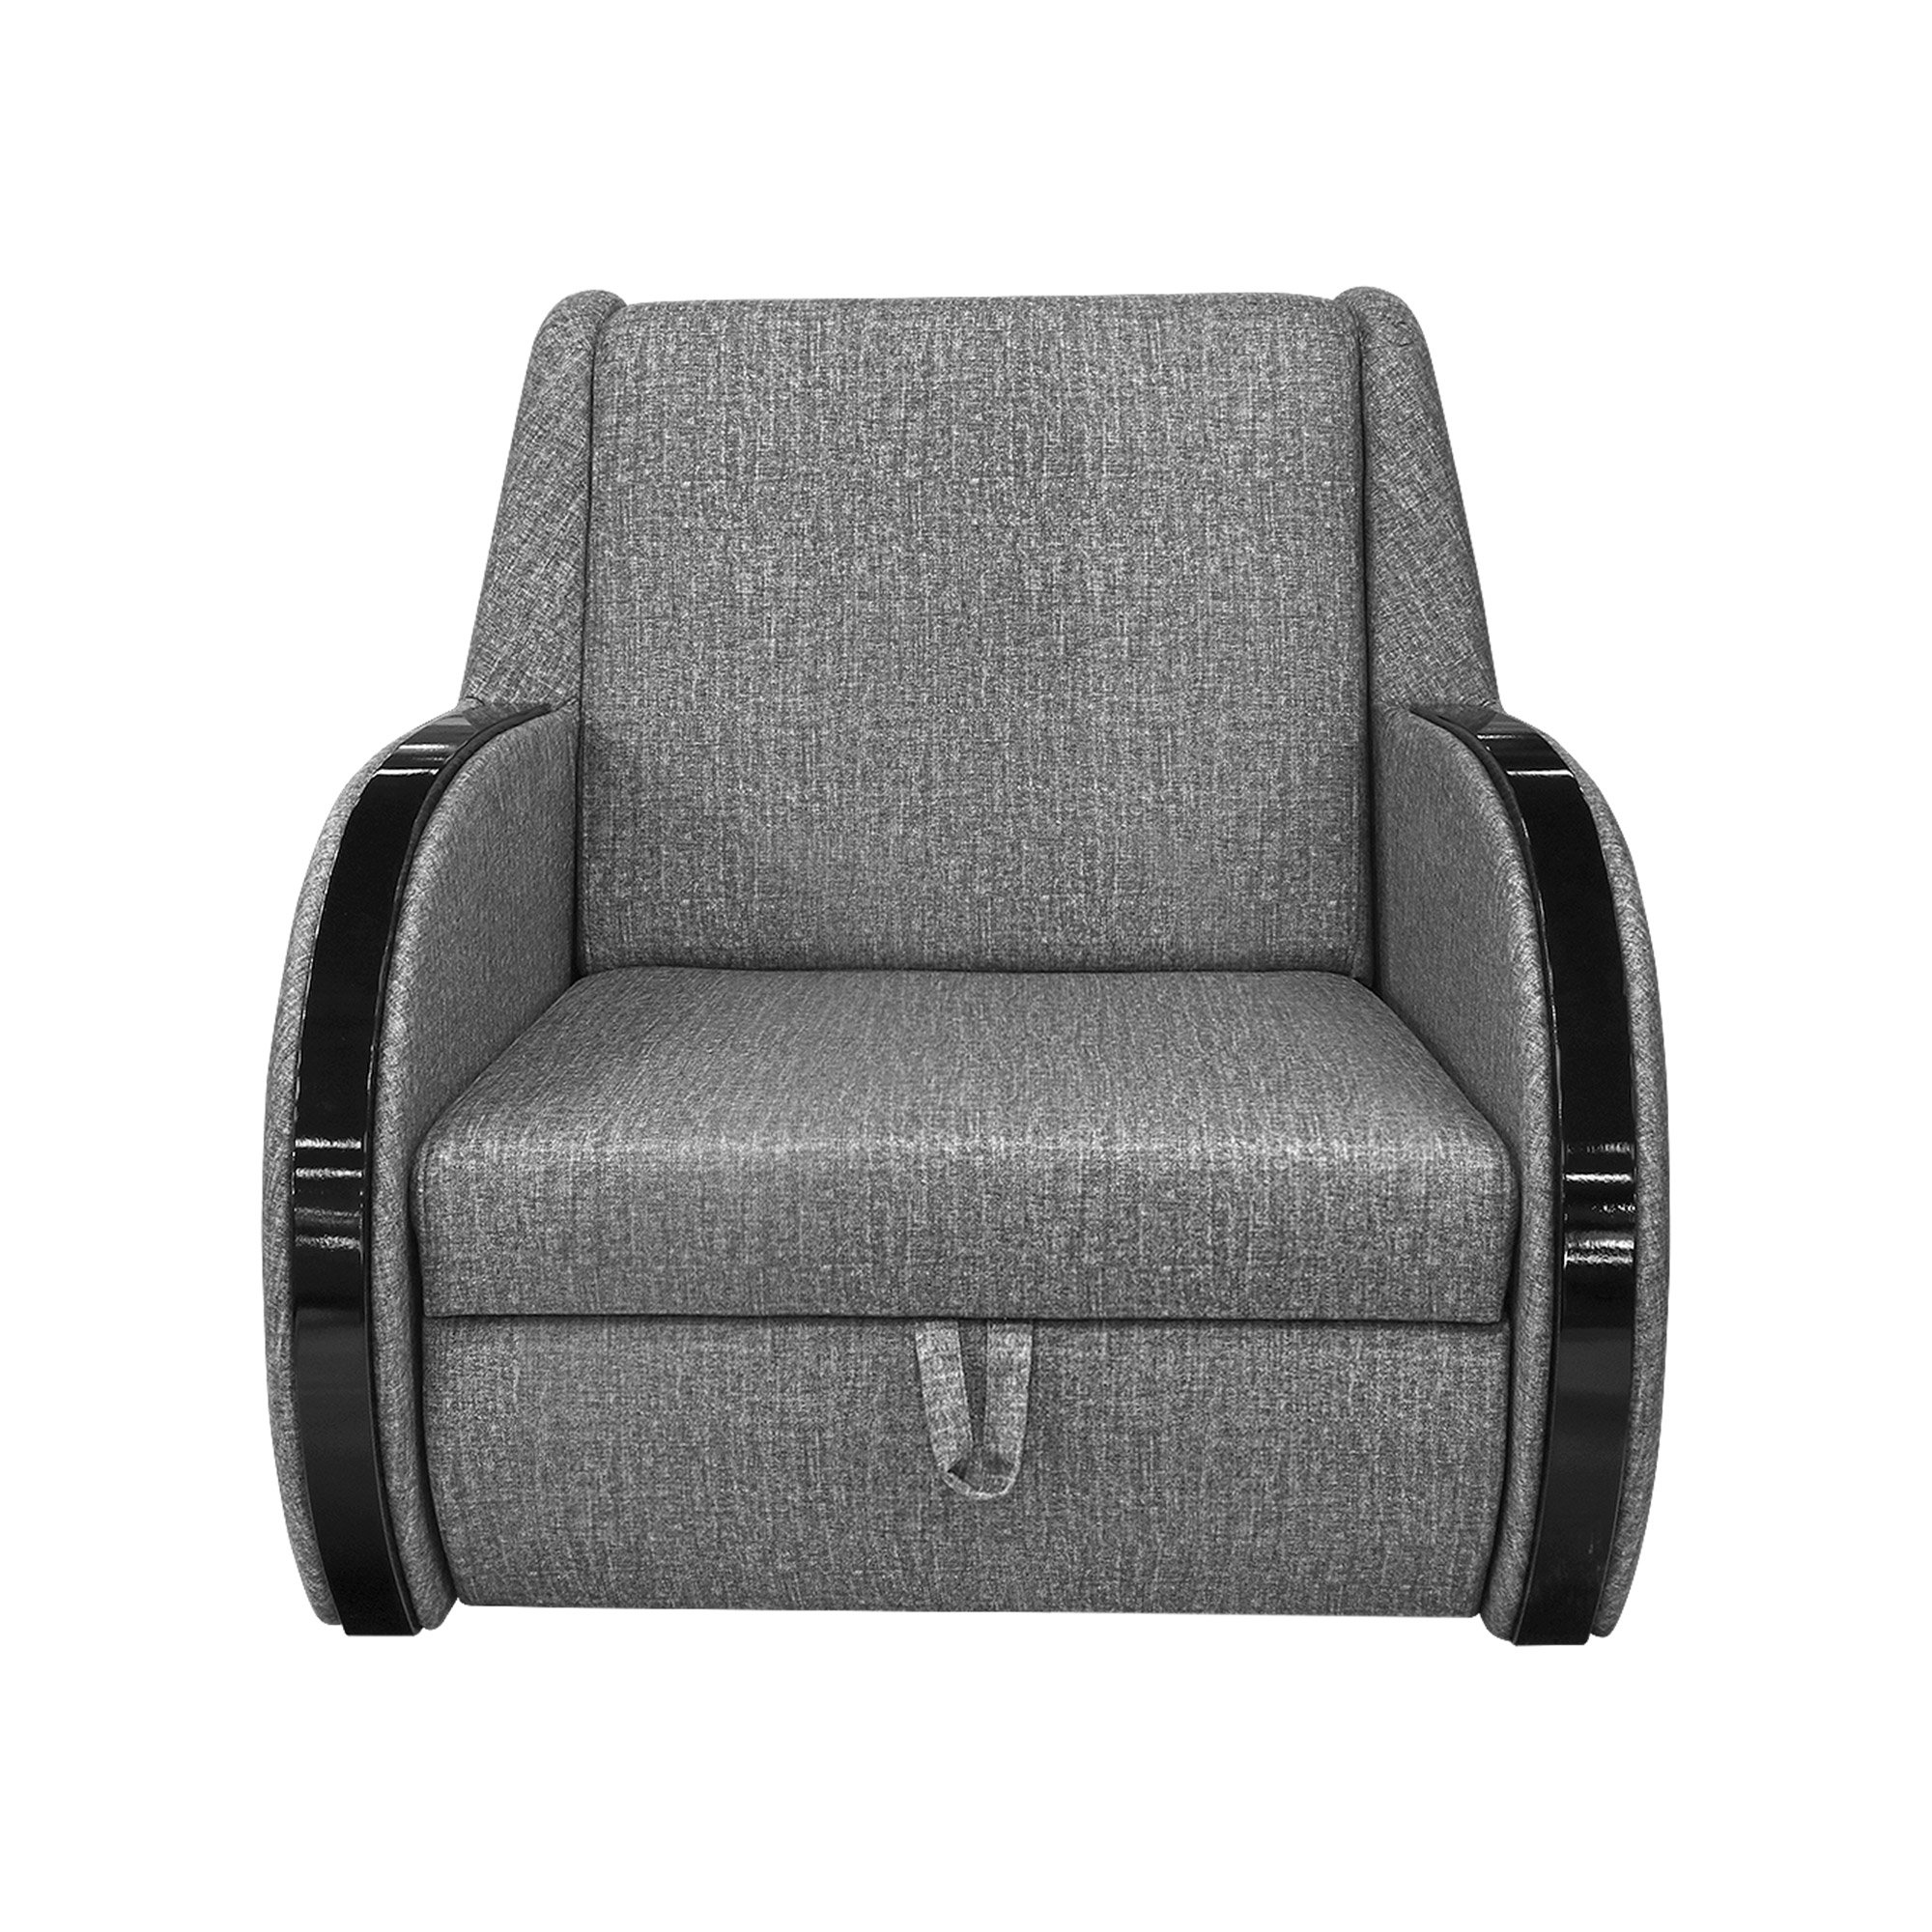 Кресло-кровать Новый век модест 4 аква 38